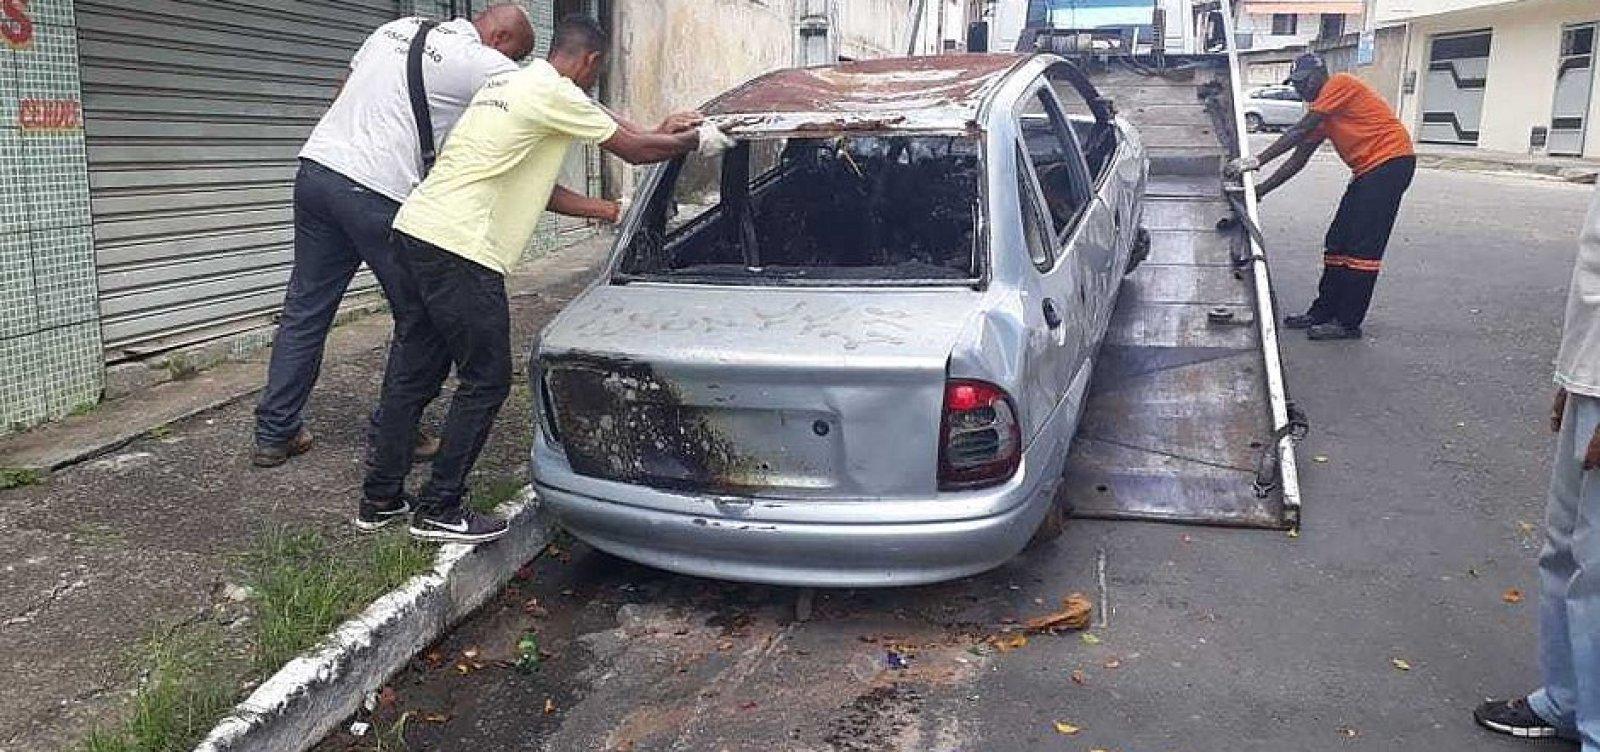 [Prefeitura retira, em média, 35 sucatas nas ruas de Salvador a cada semana]